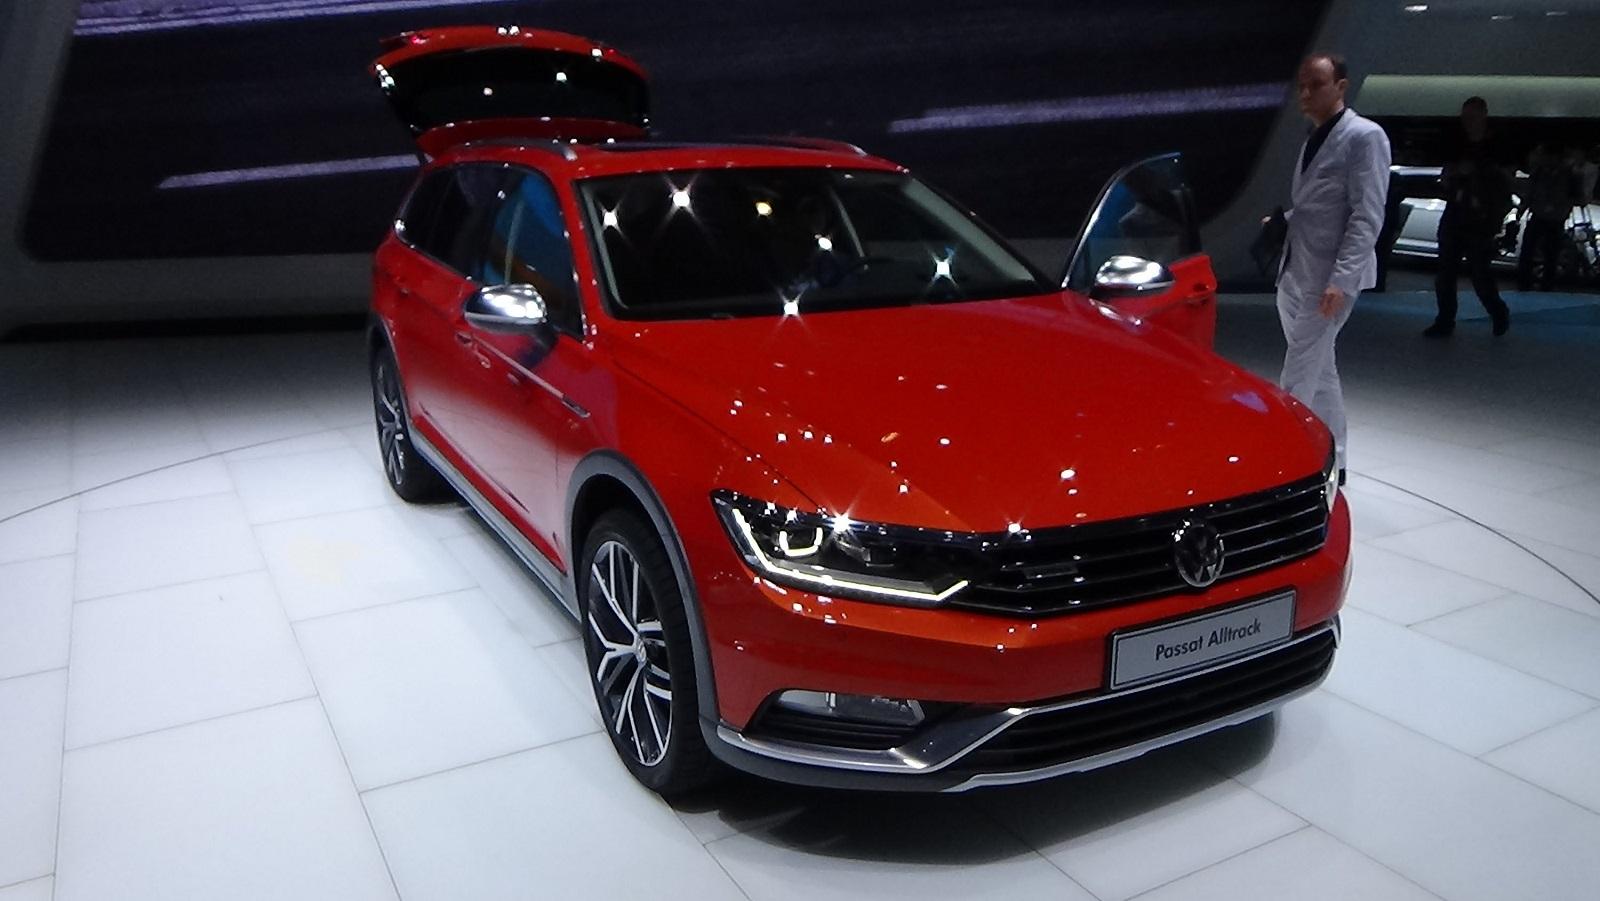 2016 Volkswagen Passat Alltrack Exterior Preview Auto Show (View 17 of 18)